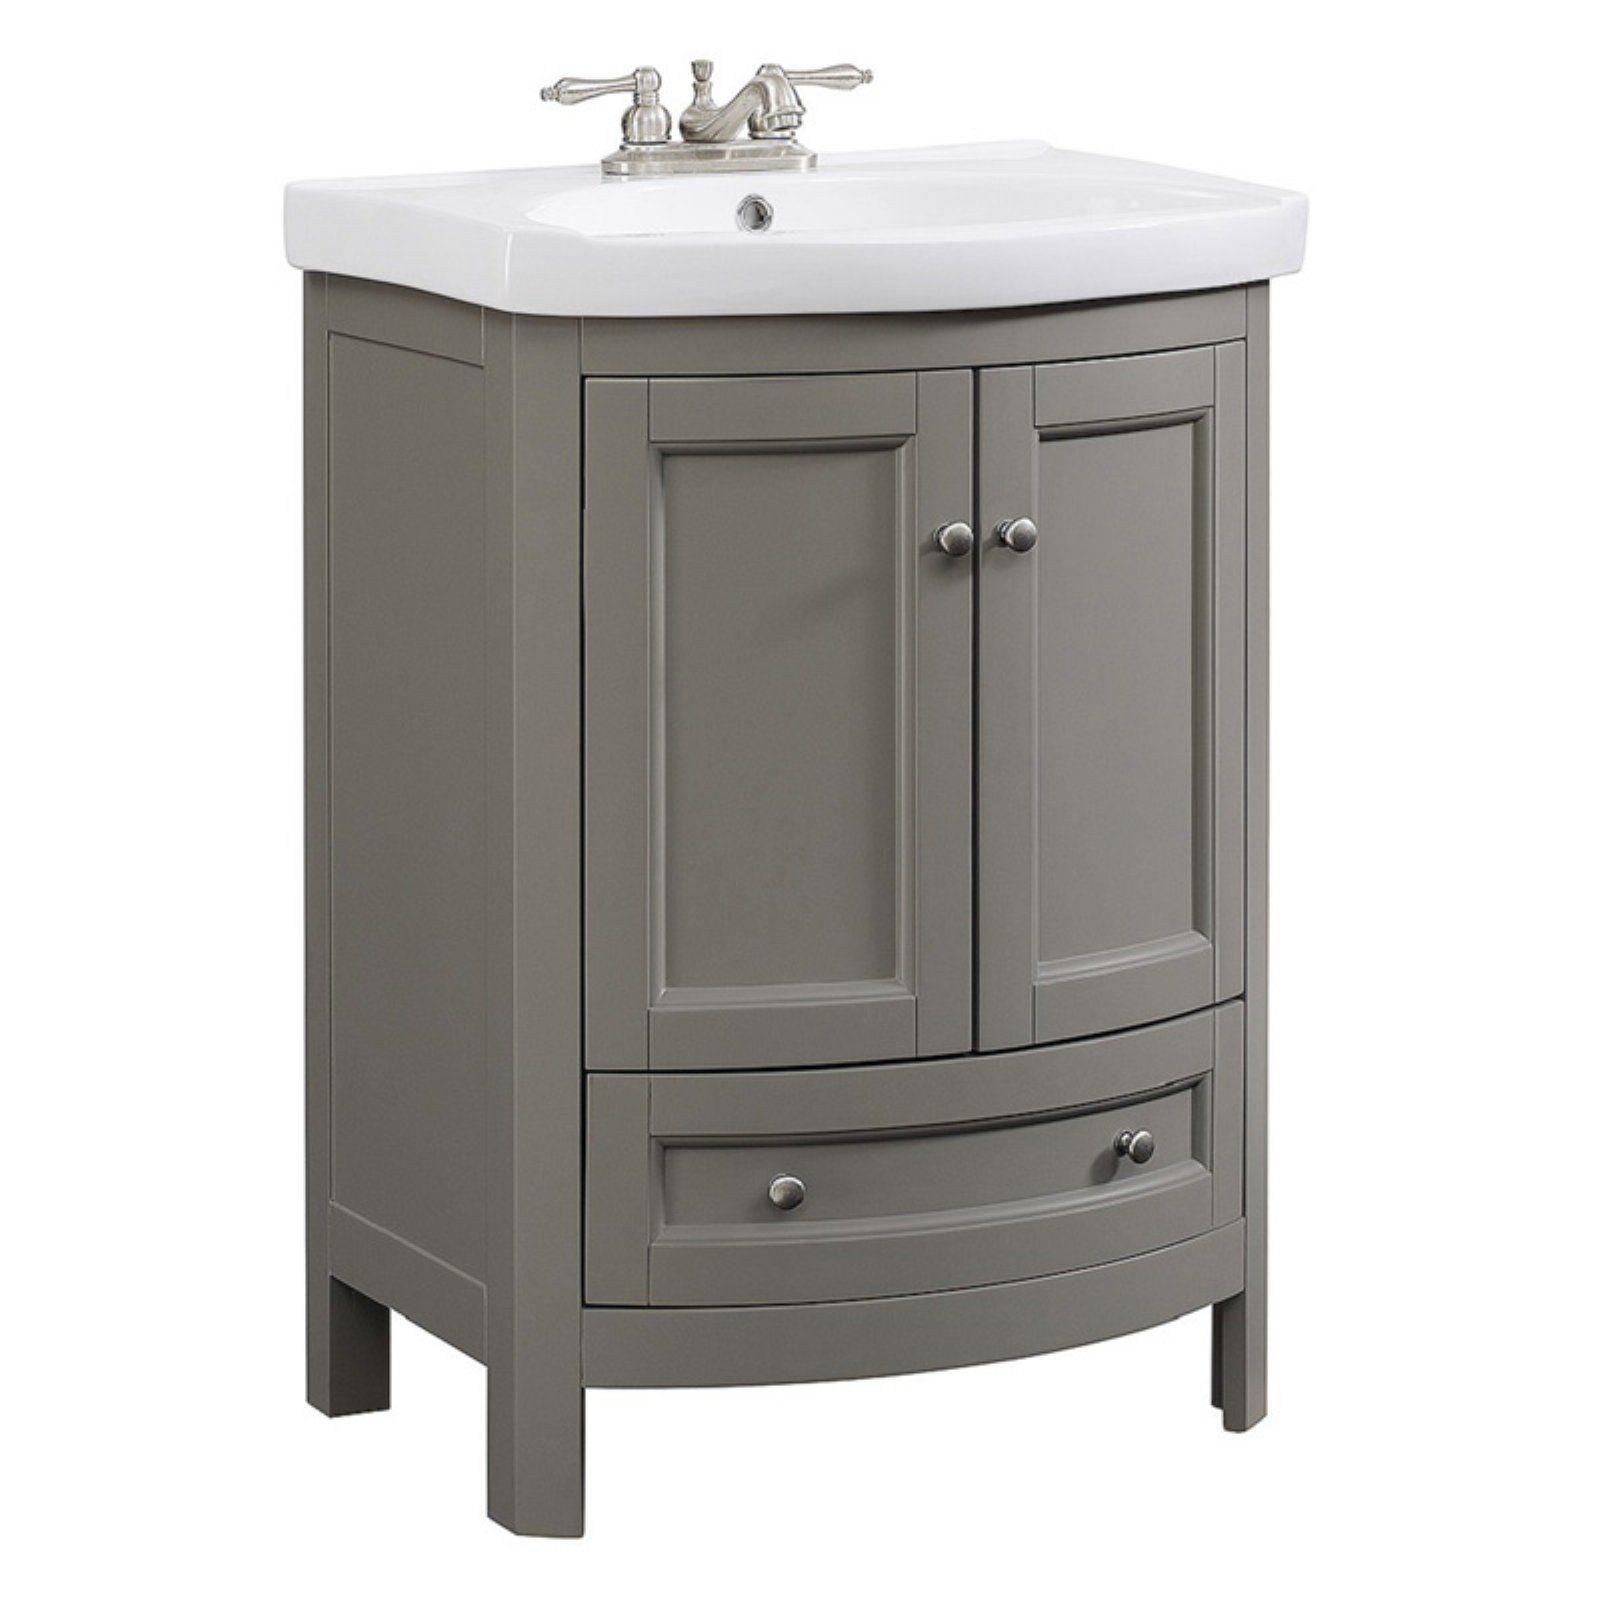 Runfine Group Single Bathroom Vanity 24 In Single Bathroom